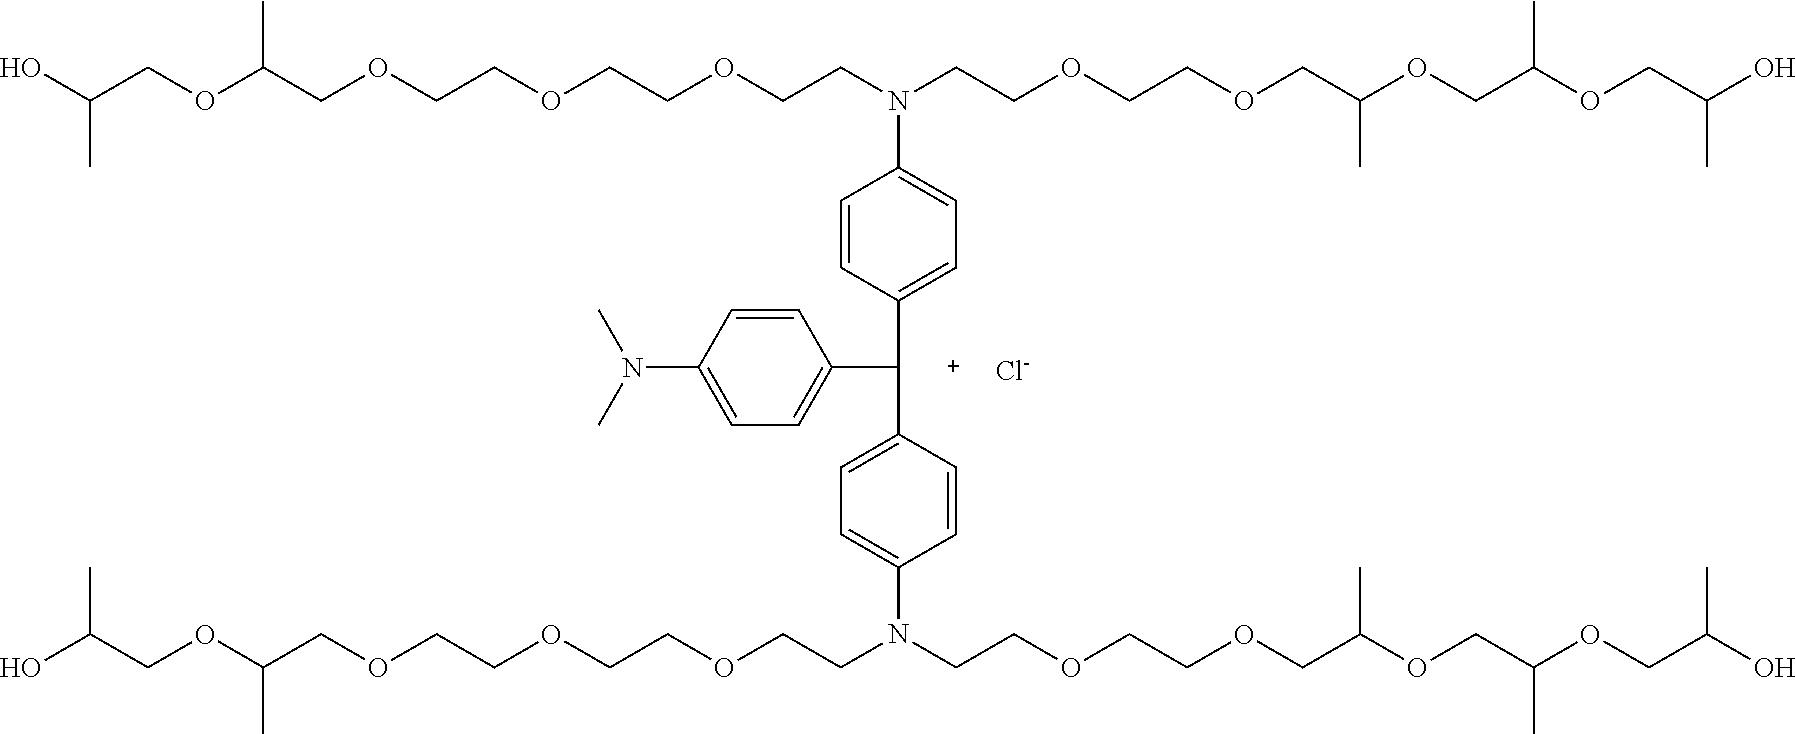 Figure US09982221-20180529-C00069